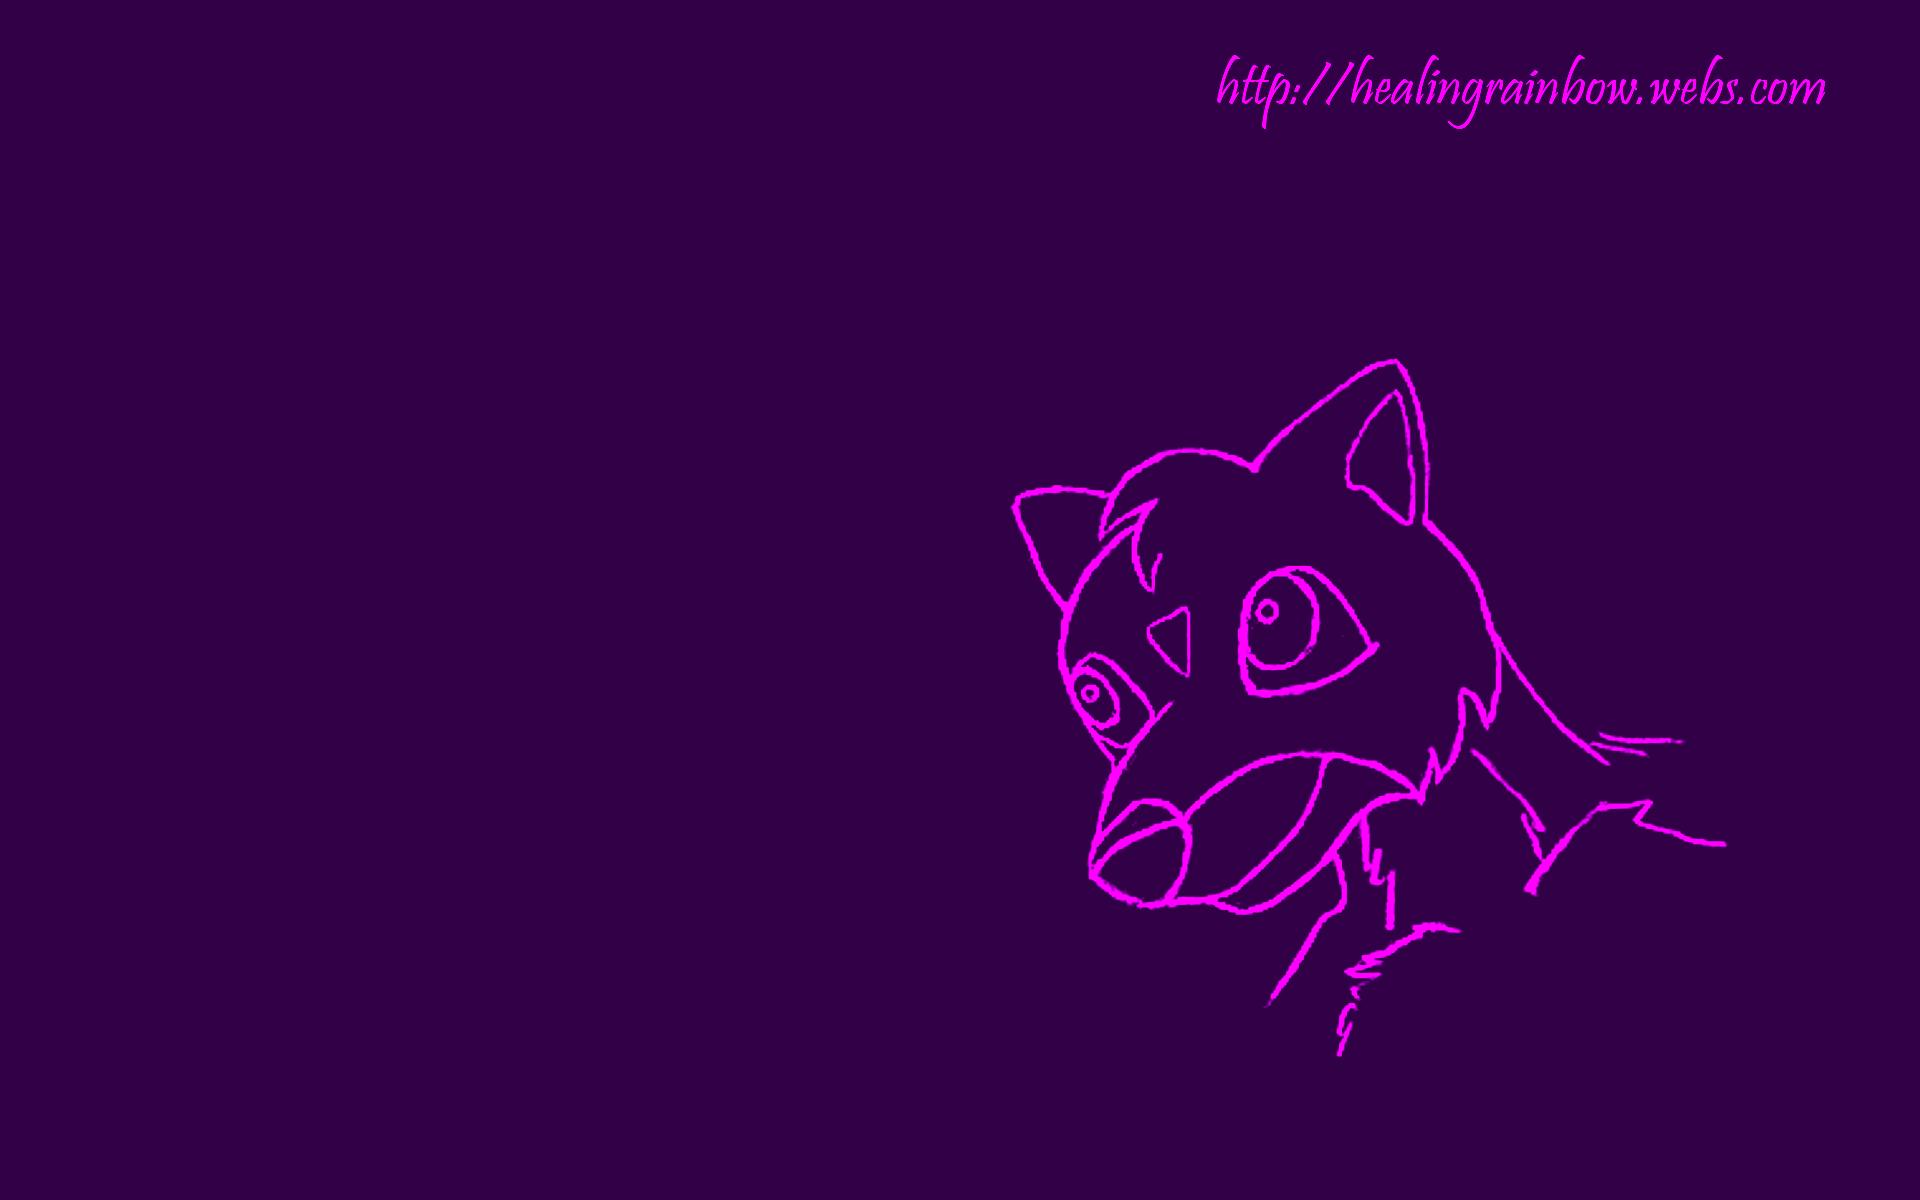 1920x1200 Cute Creature Purple desktop PC and Mac wallpaper 1920x1200